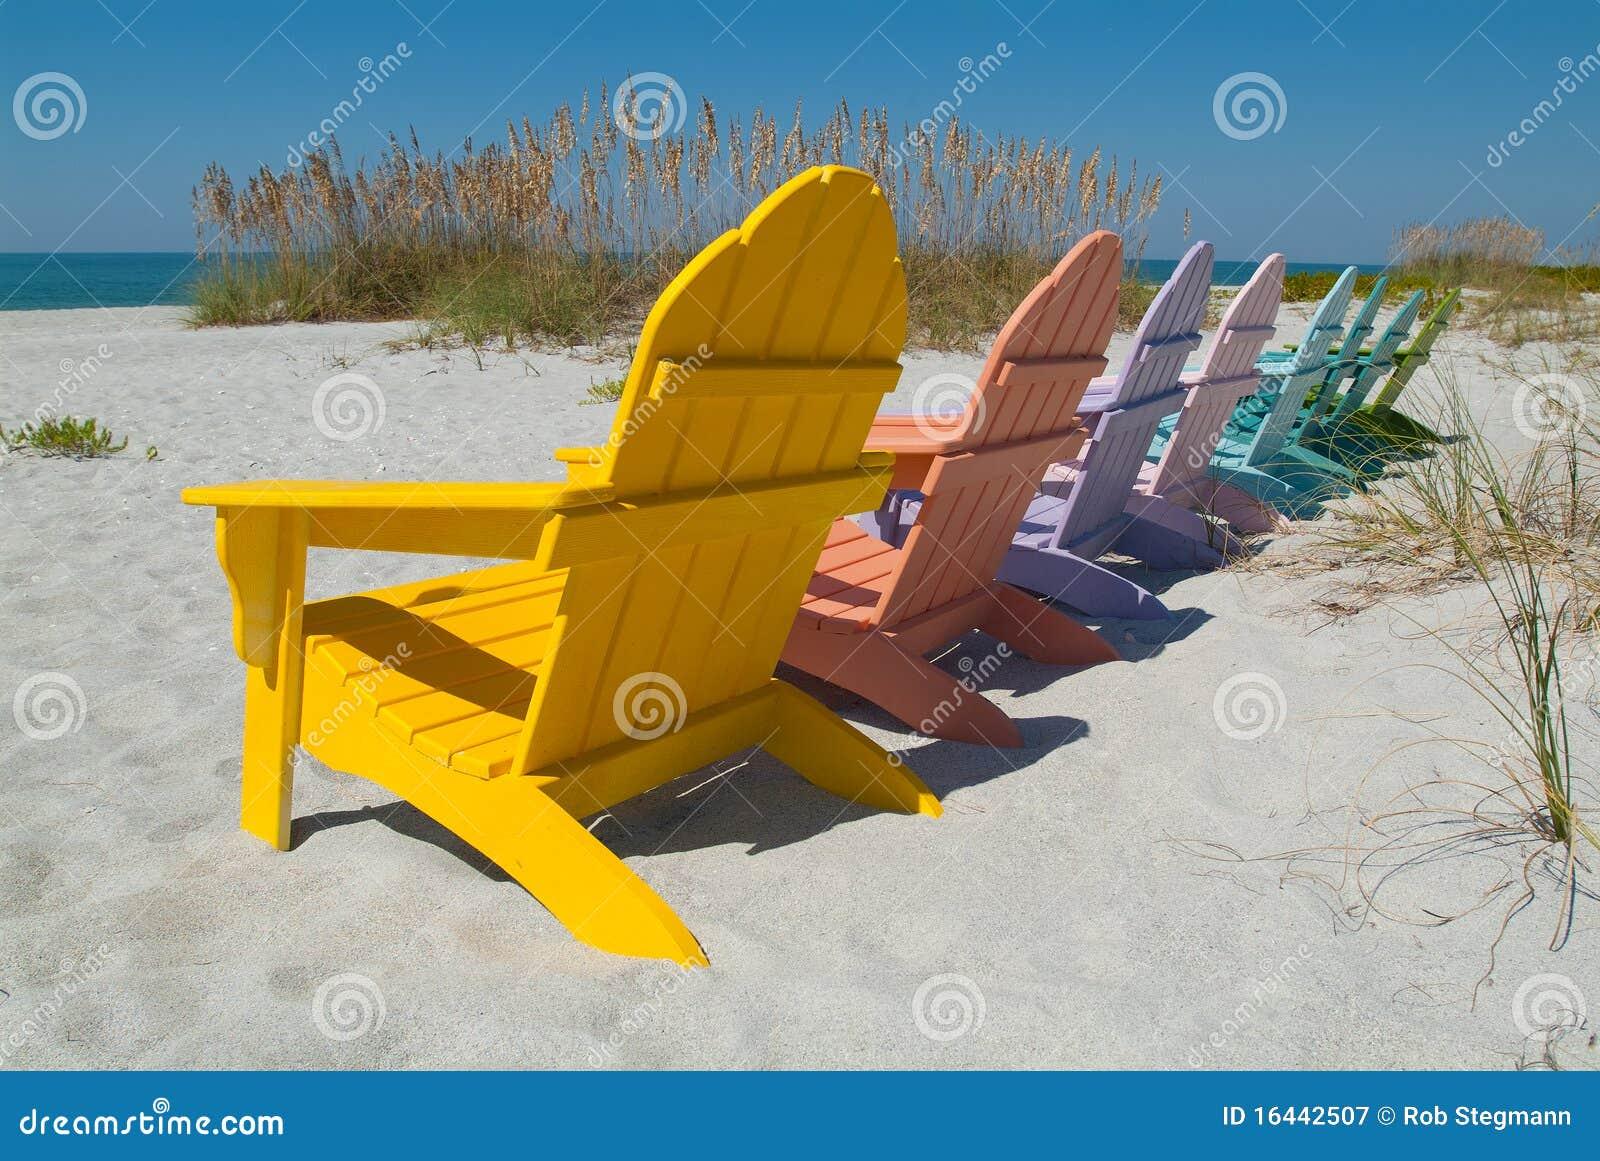 Sillas de madera en la playa fotograf a de archivo libre for Imagenes de sillas de madera